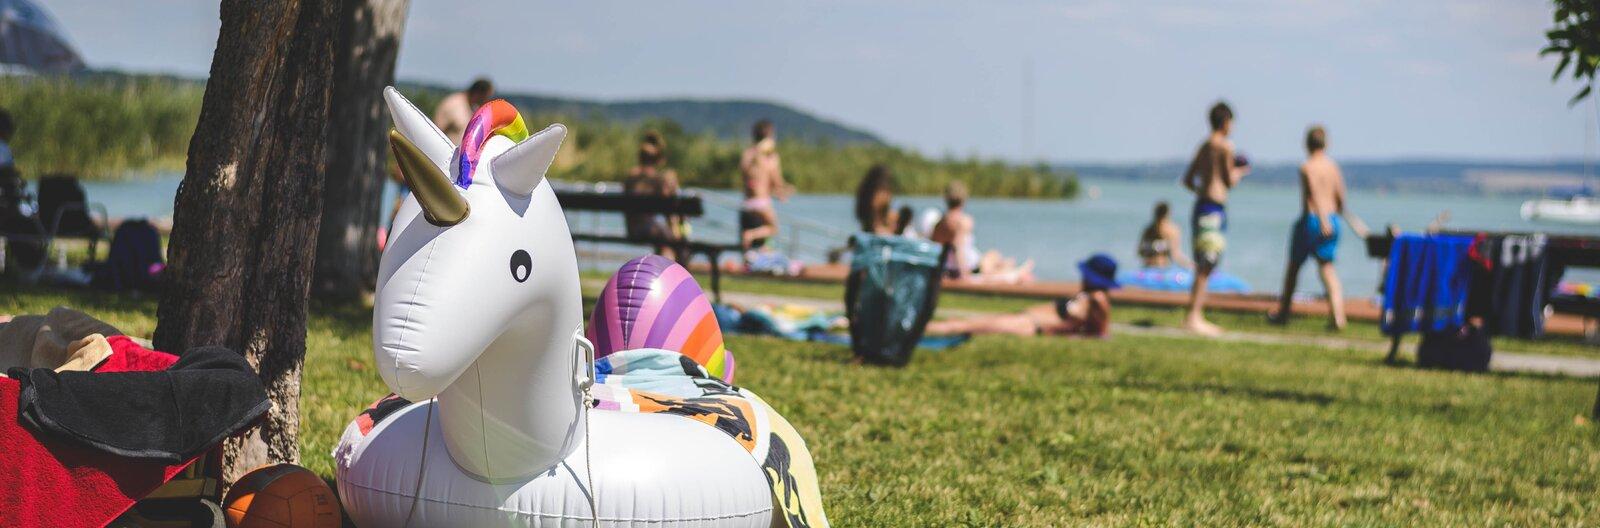 Matrac, lángos, strandröpi: 10 top minősítésű strand a nyárvégi hétvégékre